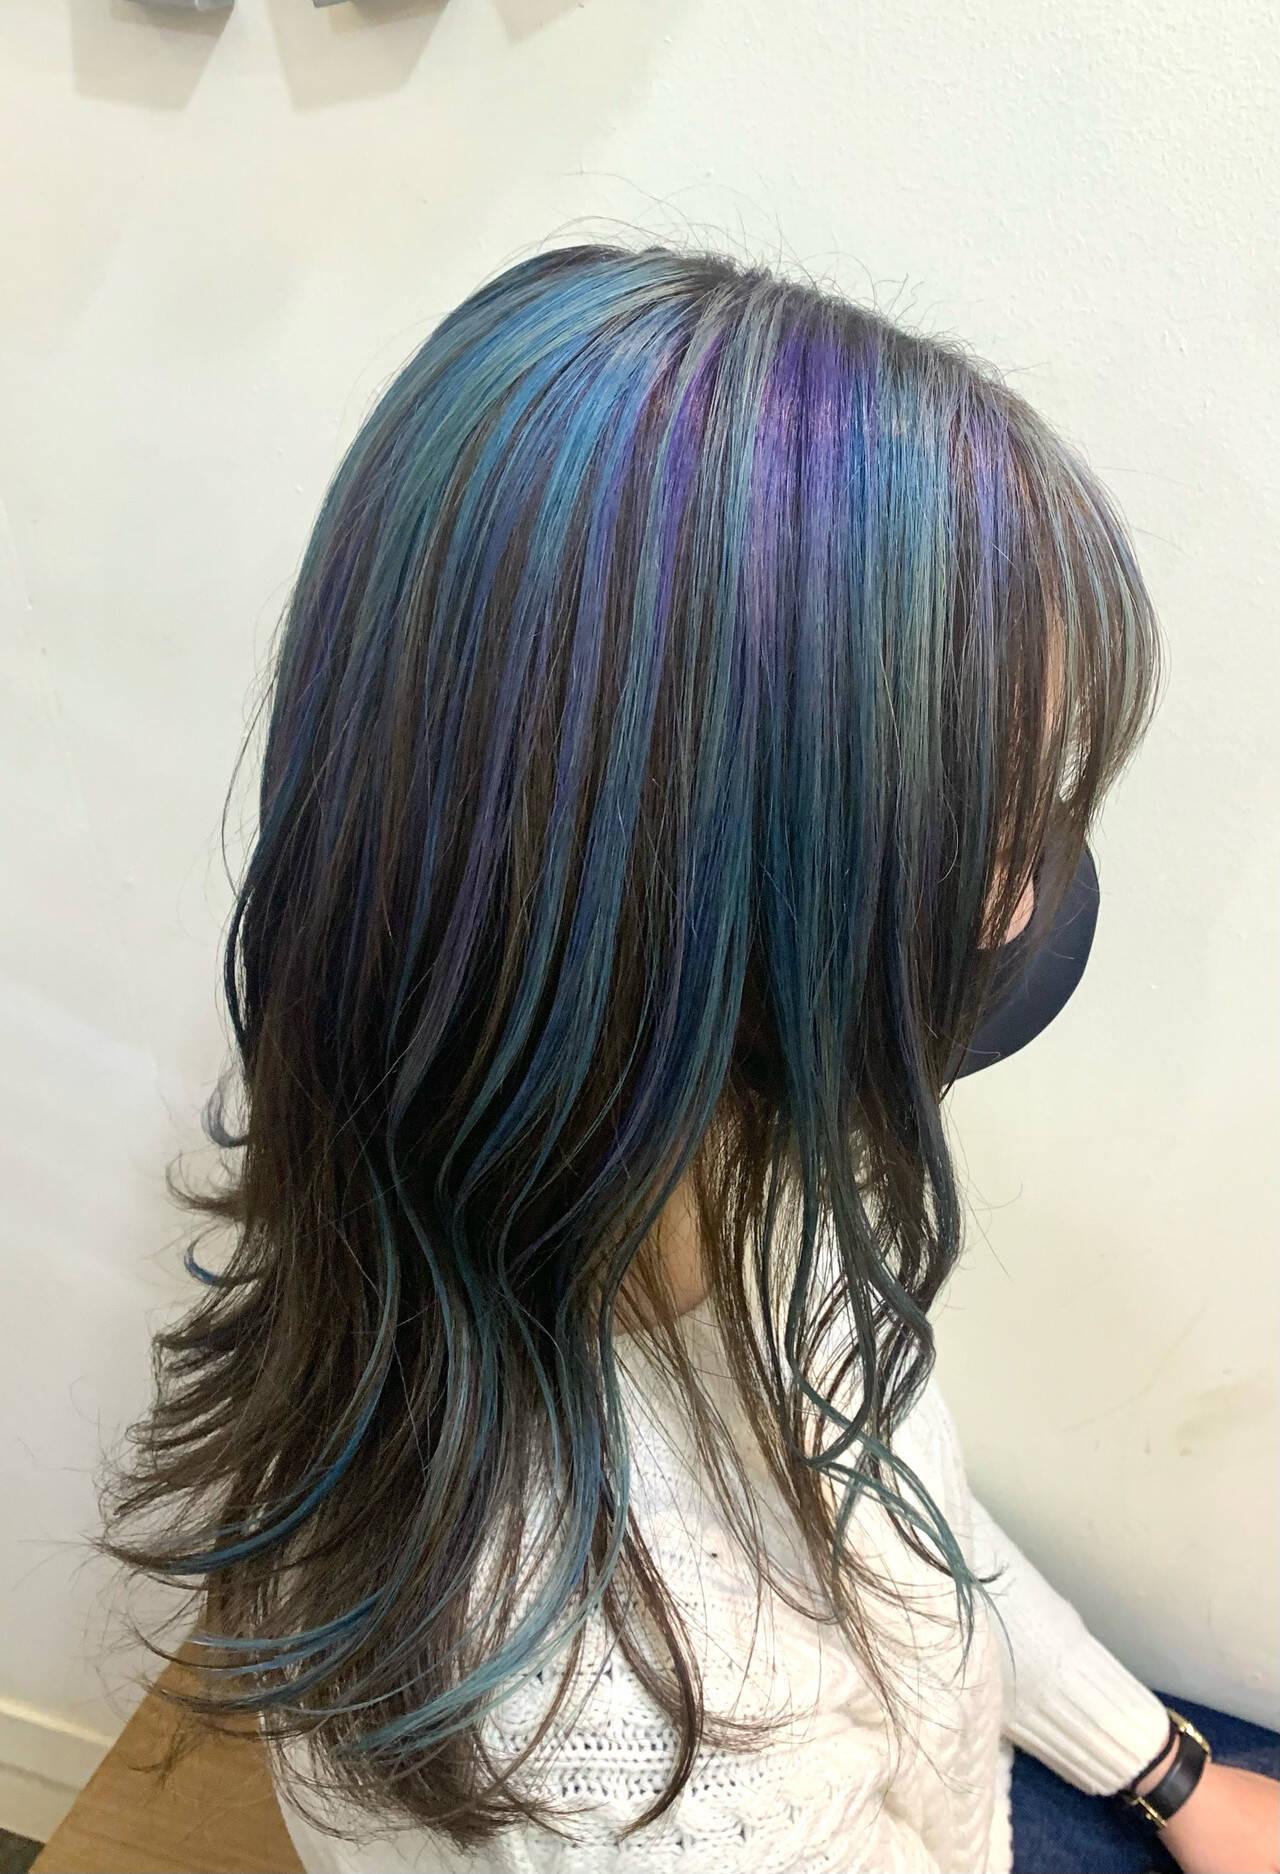 ユニコーン ユニコーンカラー セミロング ウェーブヘアヘアスタイルや髪型の写真・画像